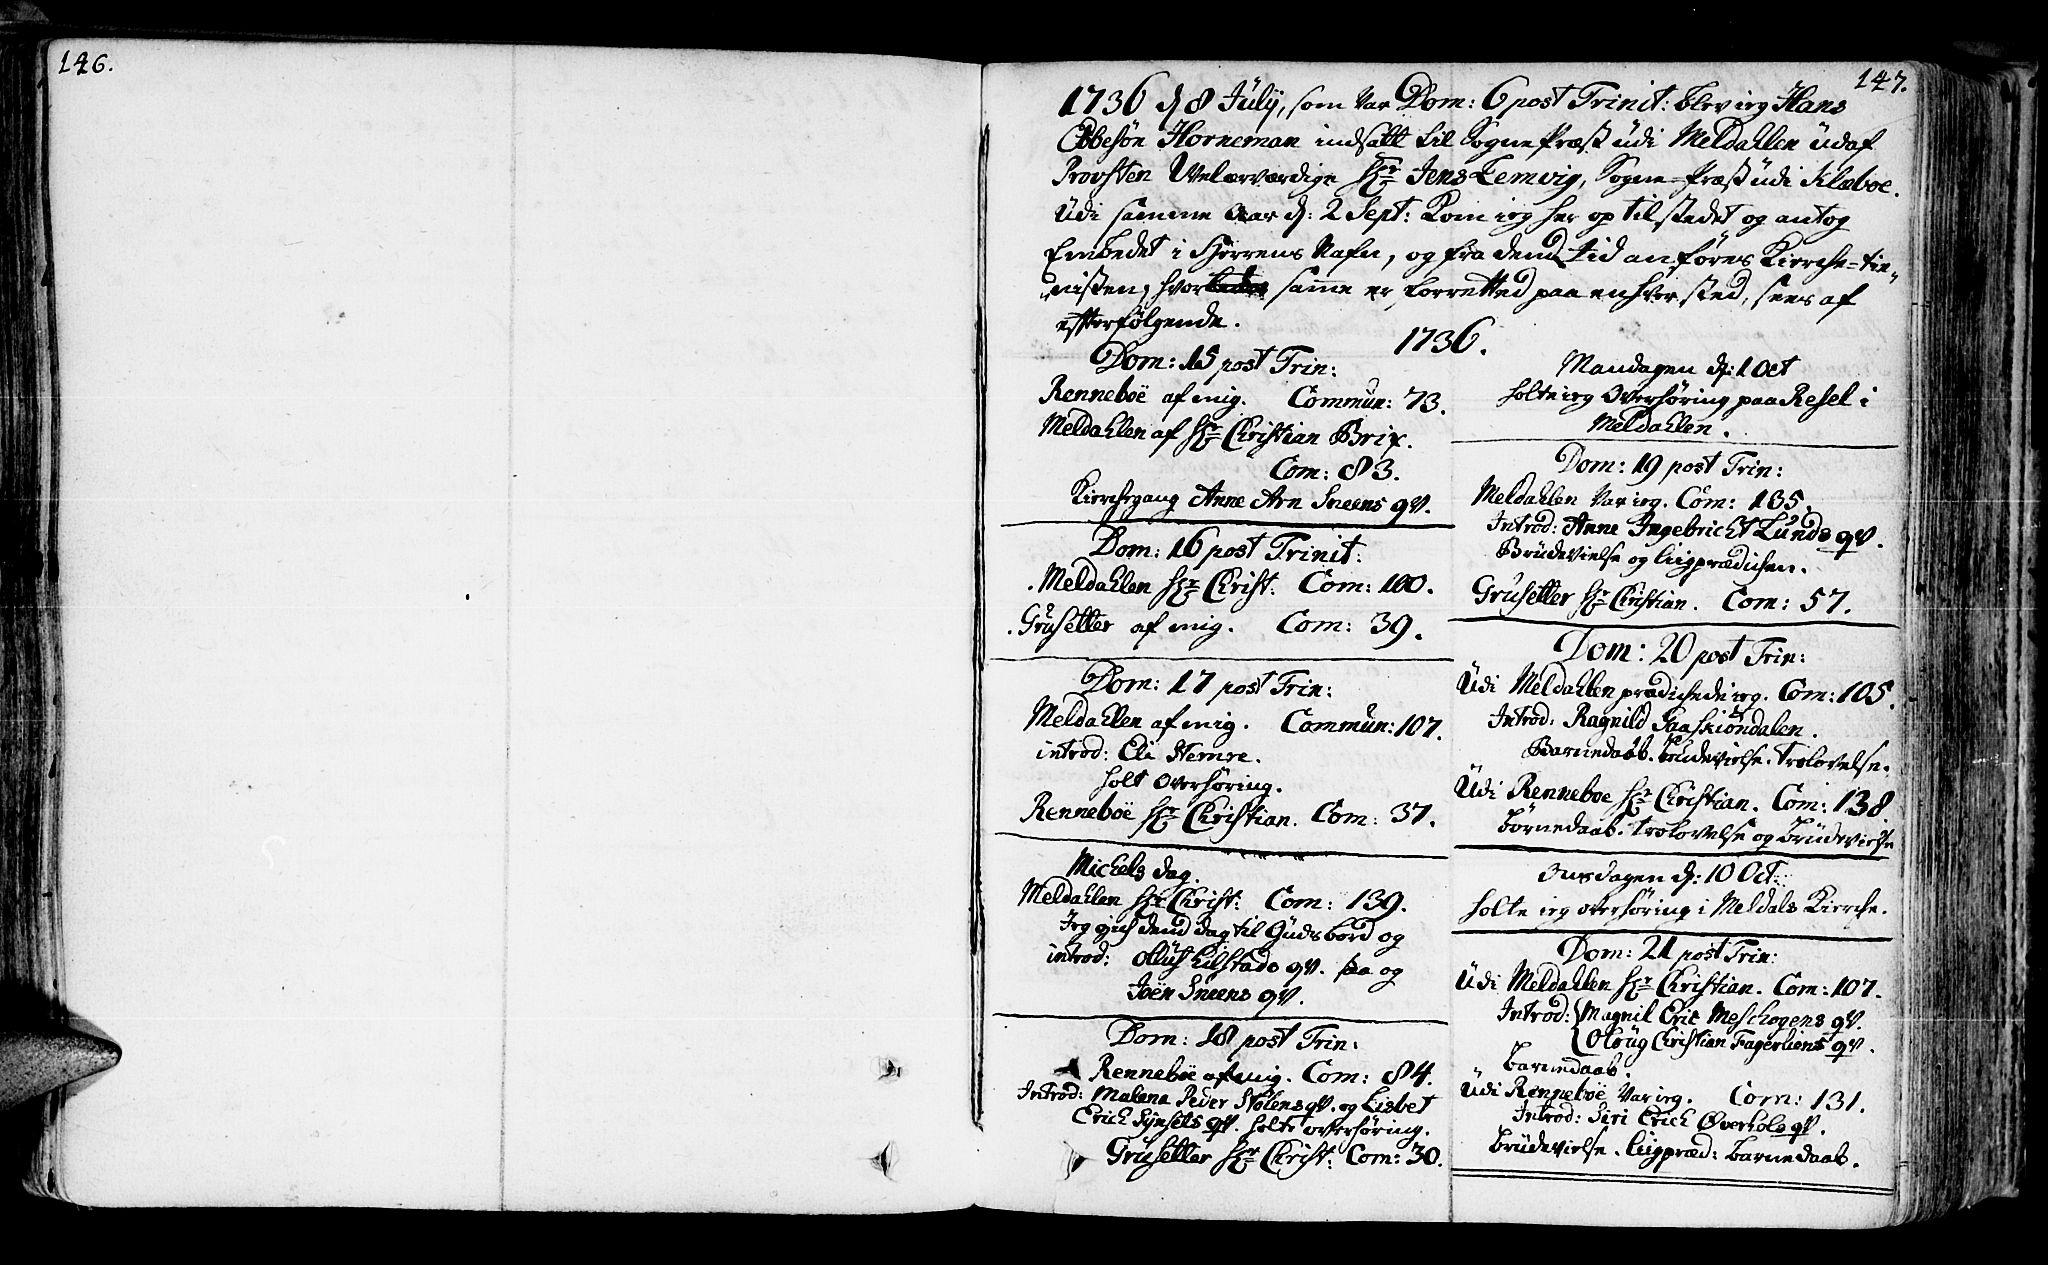 SAT, Ministerialprotokoller, klokkerbøker og fødselsregistre - Sør-Trøndelag, 672/L0850: Ministerialbok nr. 672A03, 1725-1751, s. 146-147